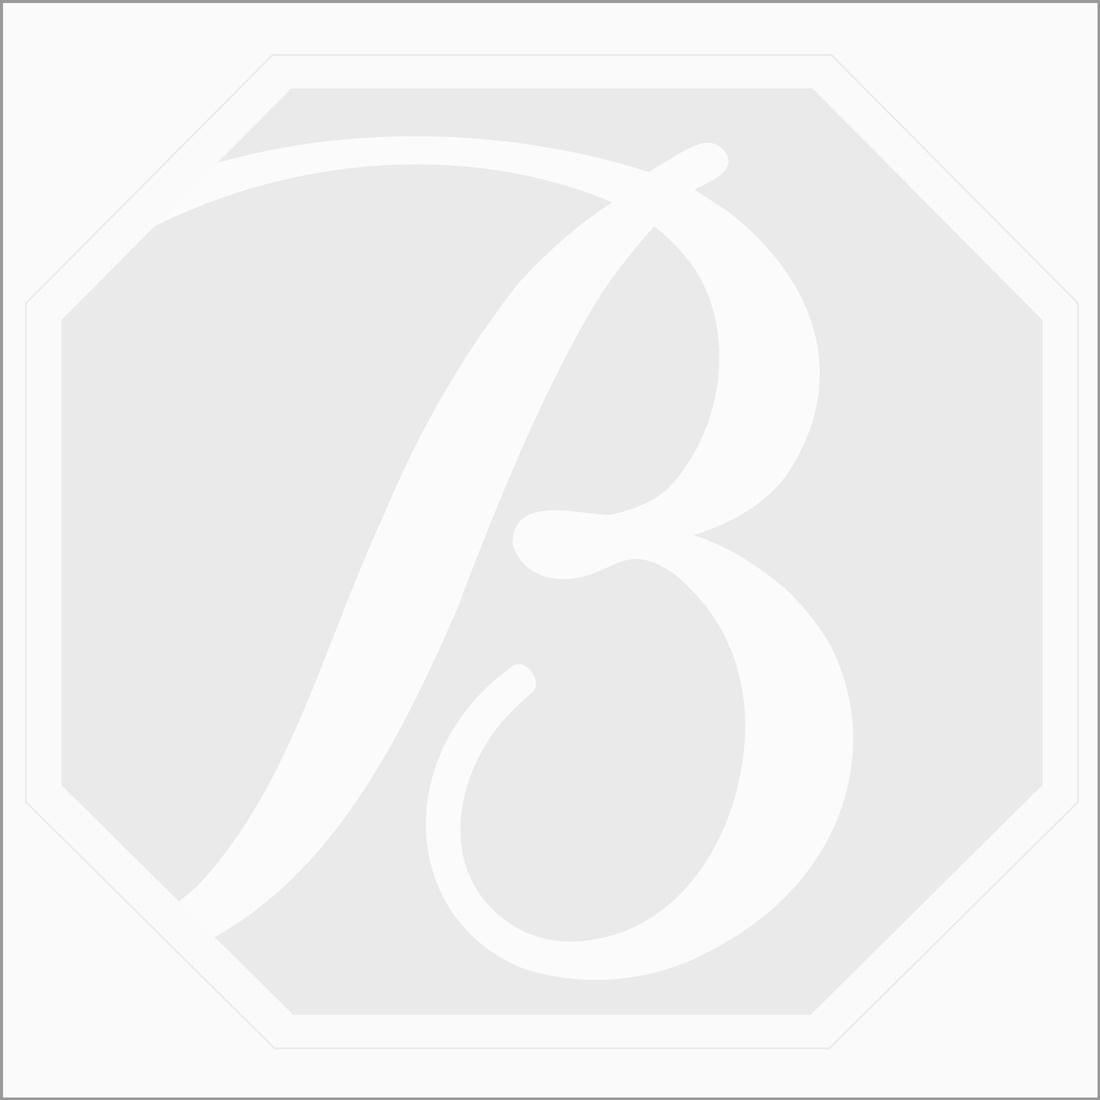 2 Pcs - 6.22 ct. - Green Tourmaline Rose Cut -11.6 x 10.5 x 2.5 mm to 12.7 x 10.5 x 2.9 mm (TRC1098)